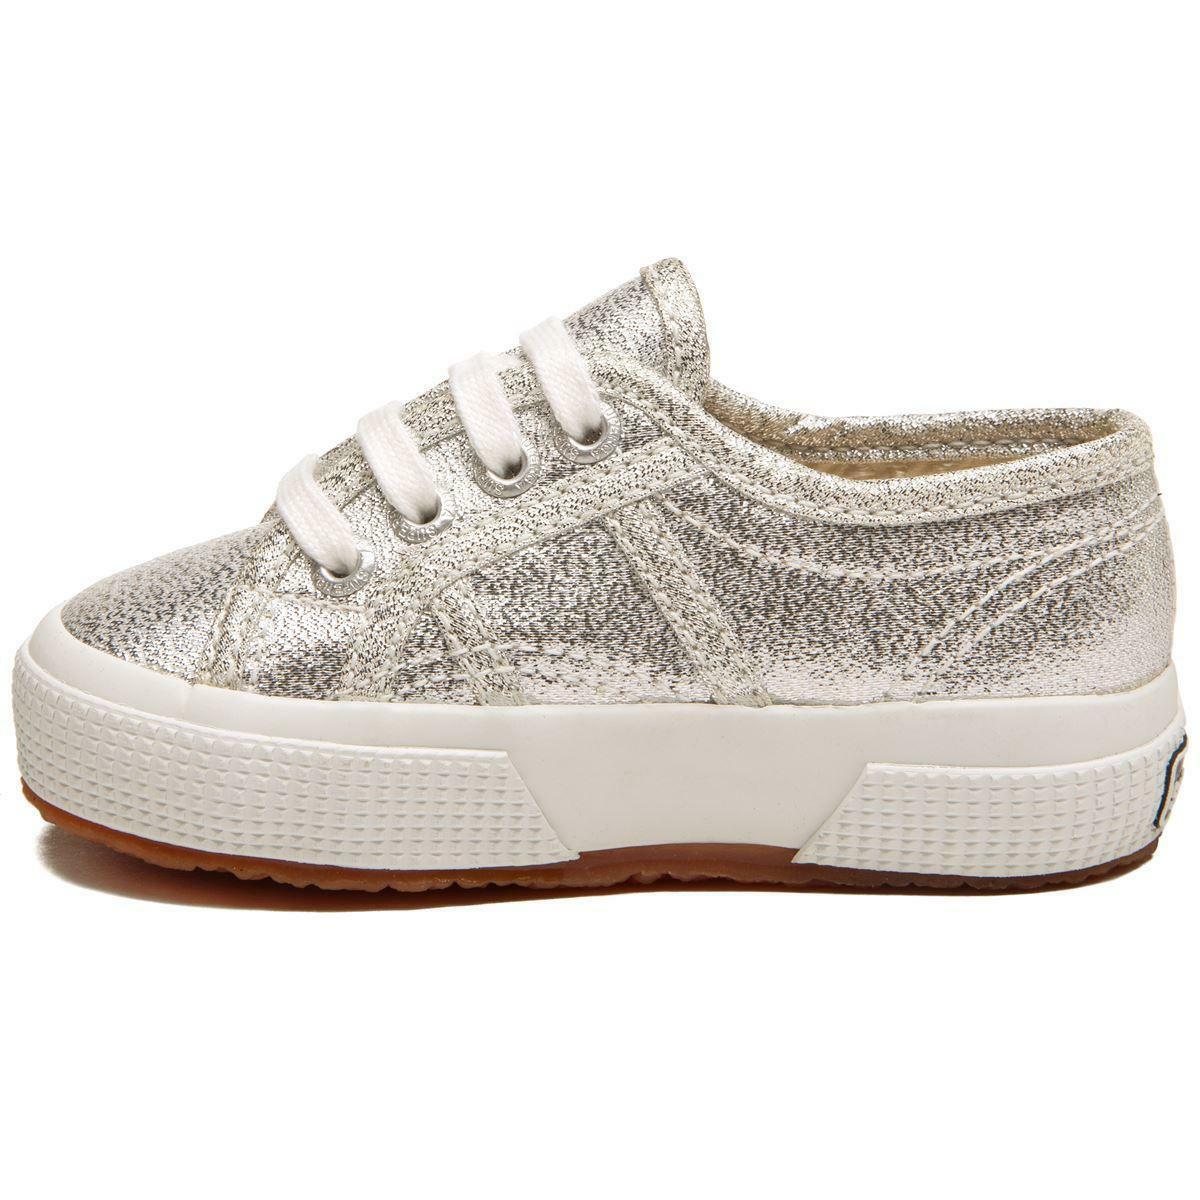 superga superga sneakers bambina 2750 lamej argento